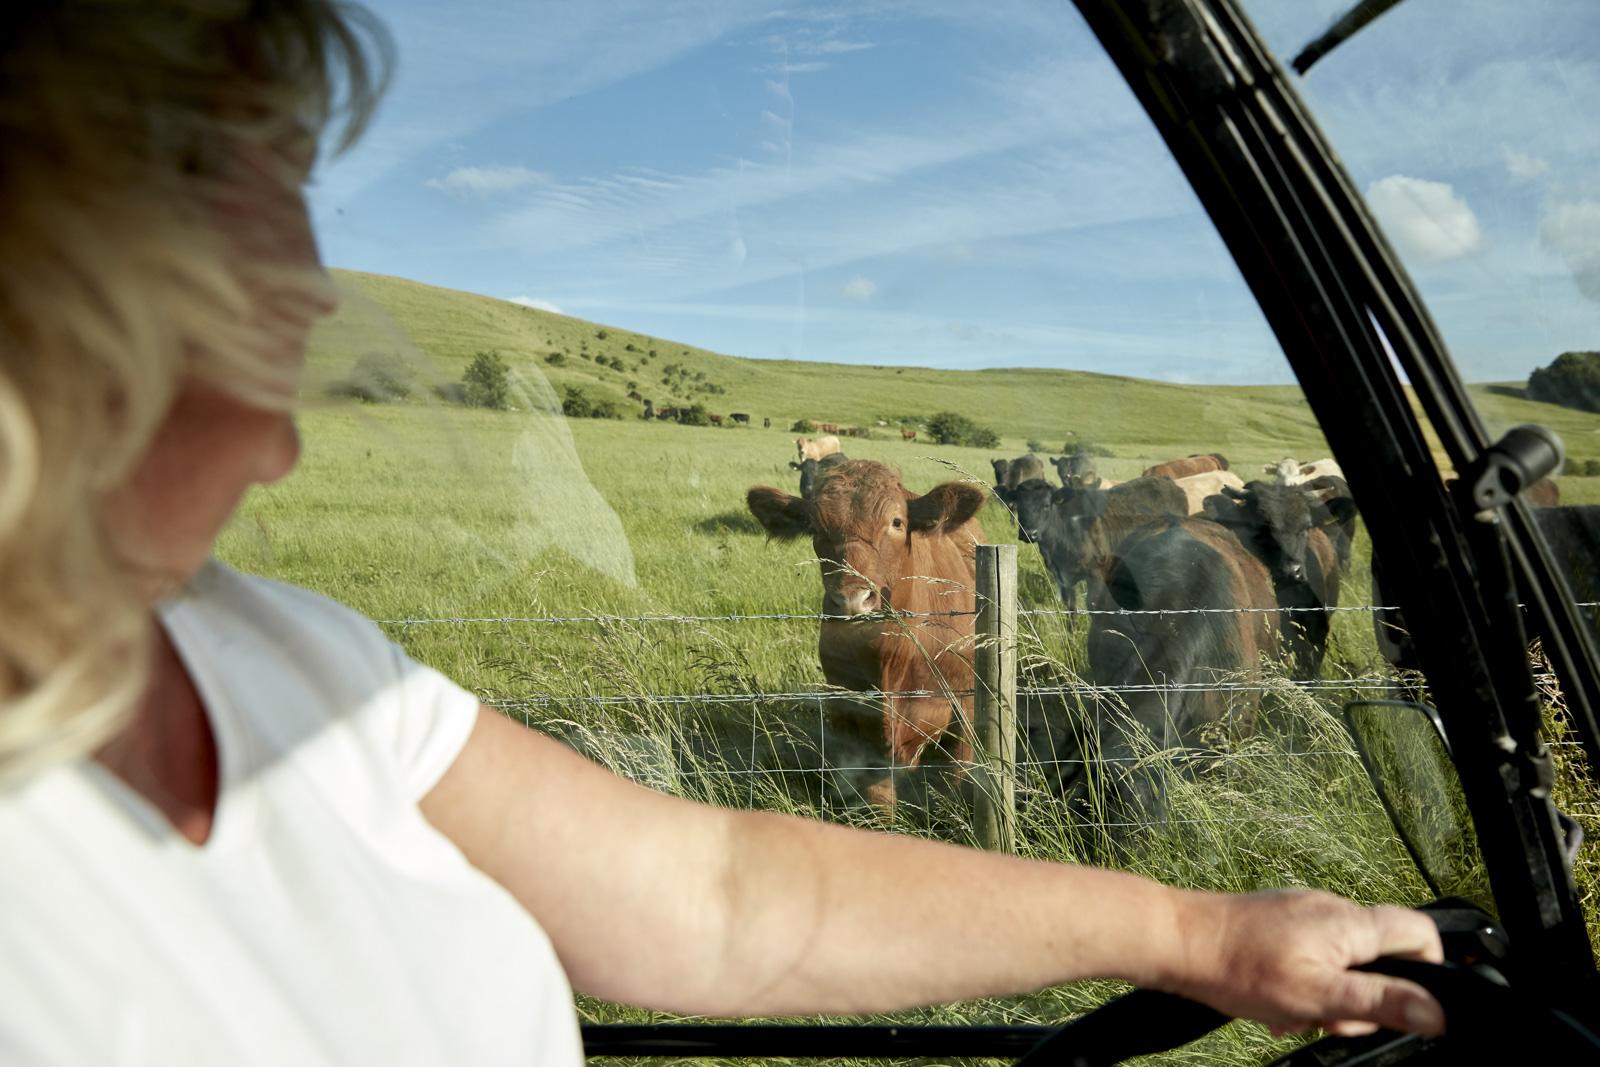 WW_LAWN_FARM_COWS_010.jpg